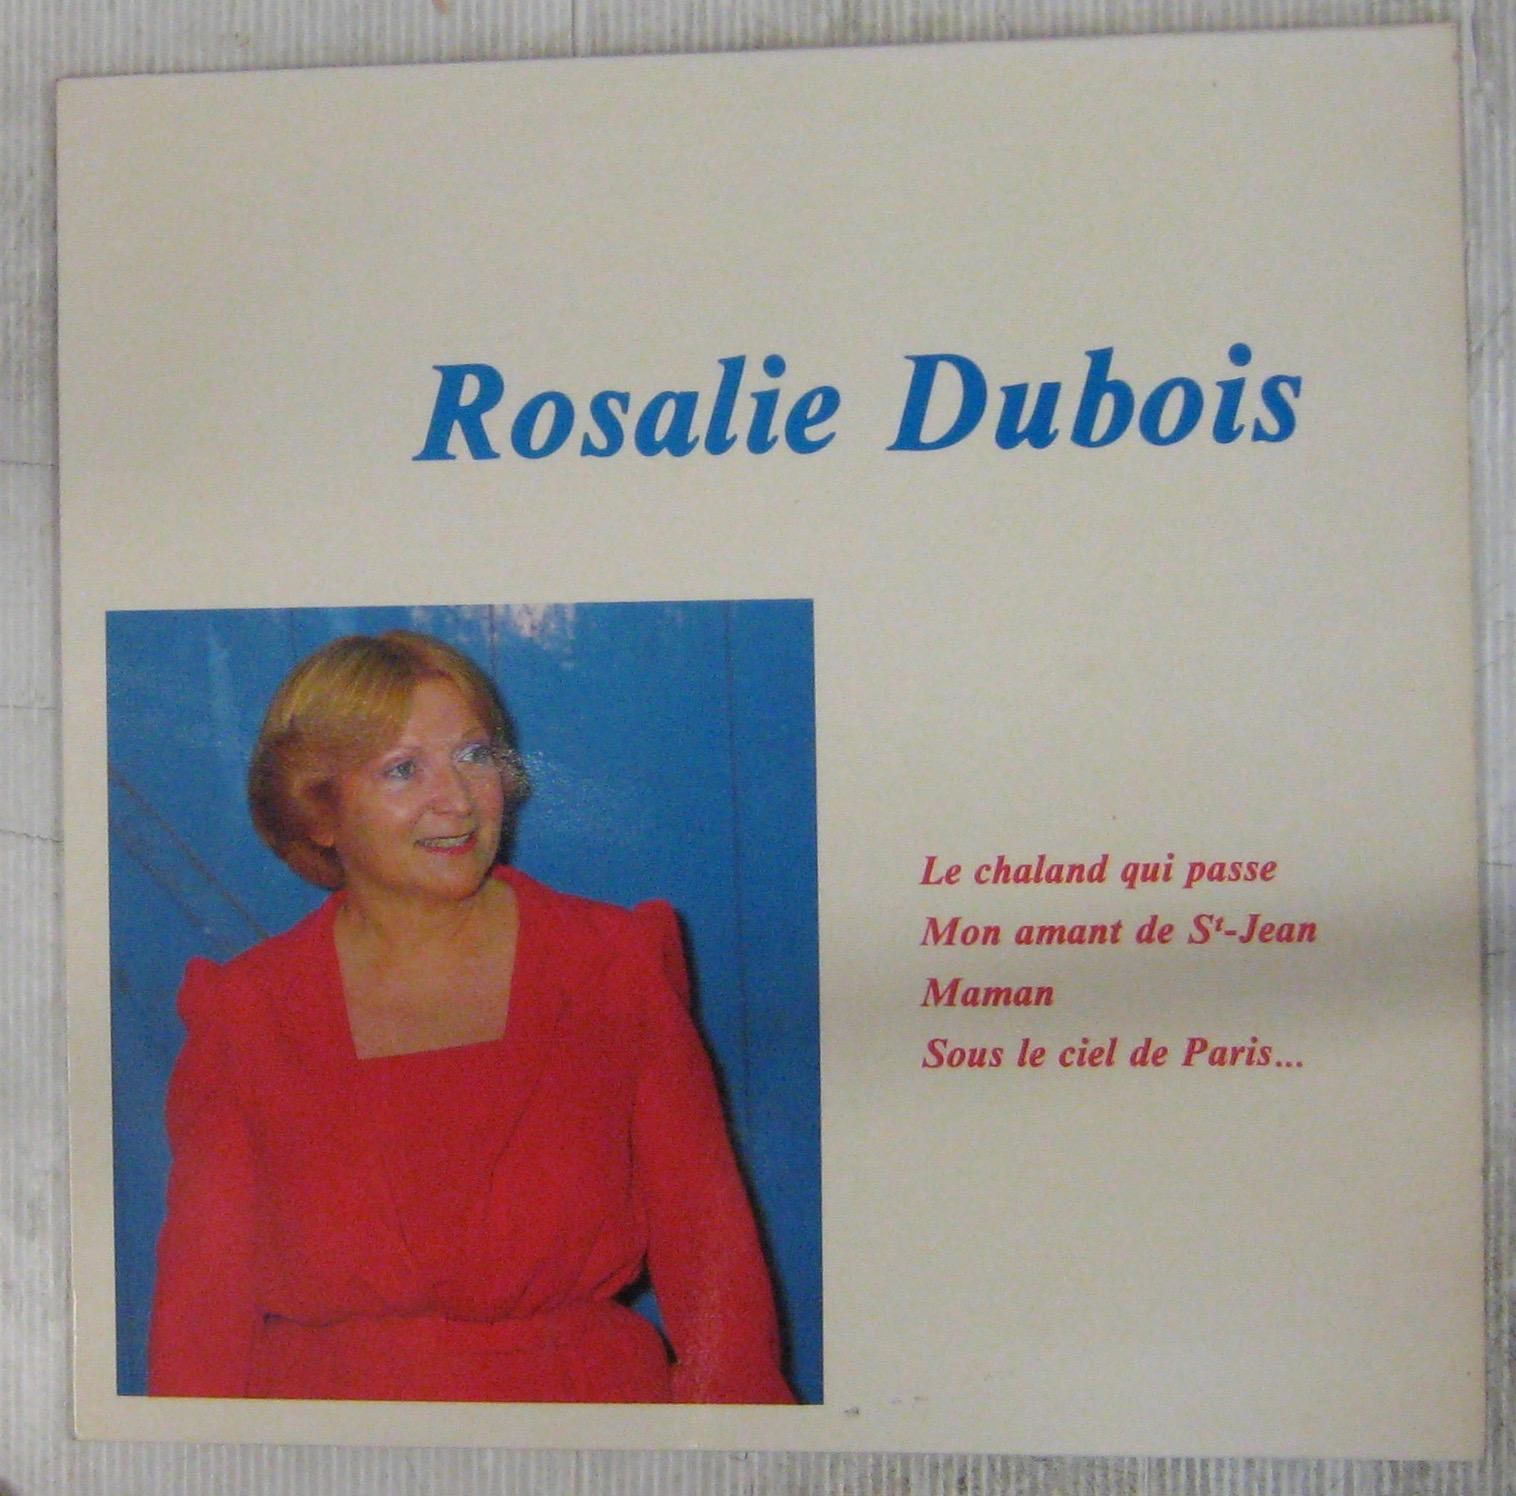 Dubois Rosalie Le chaland qui passe